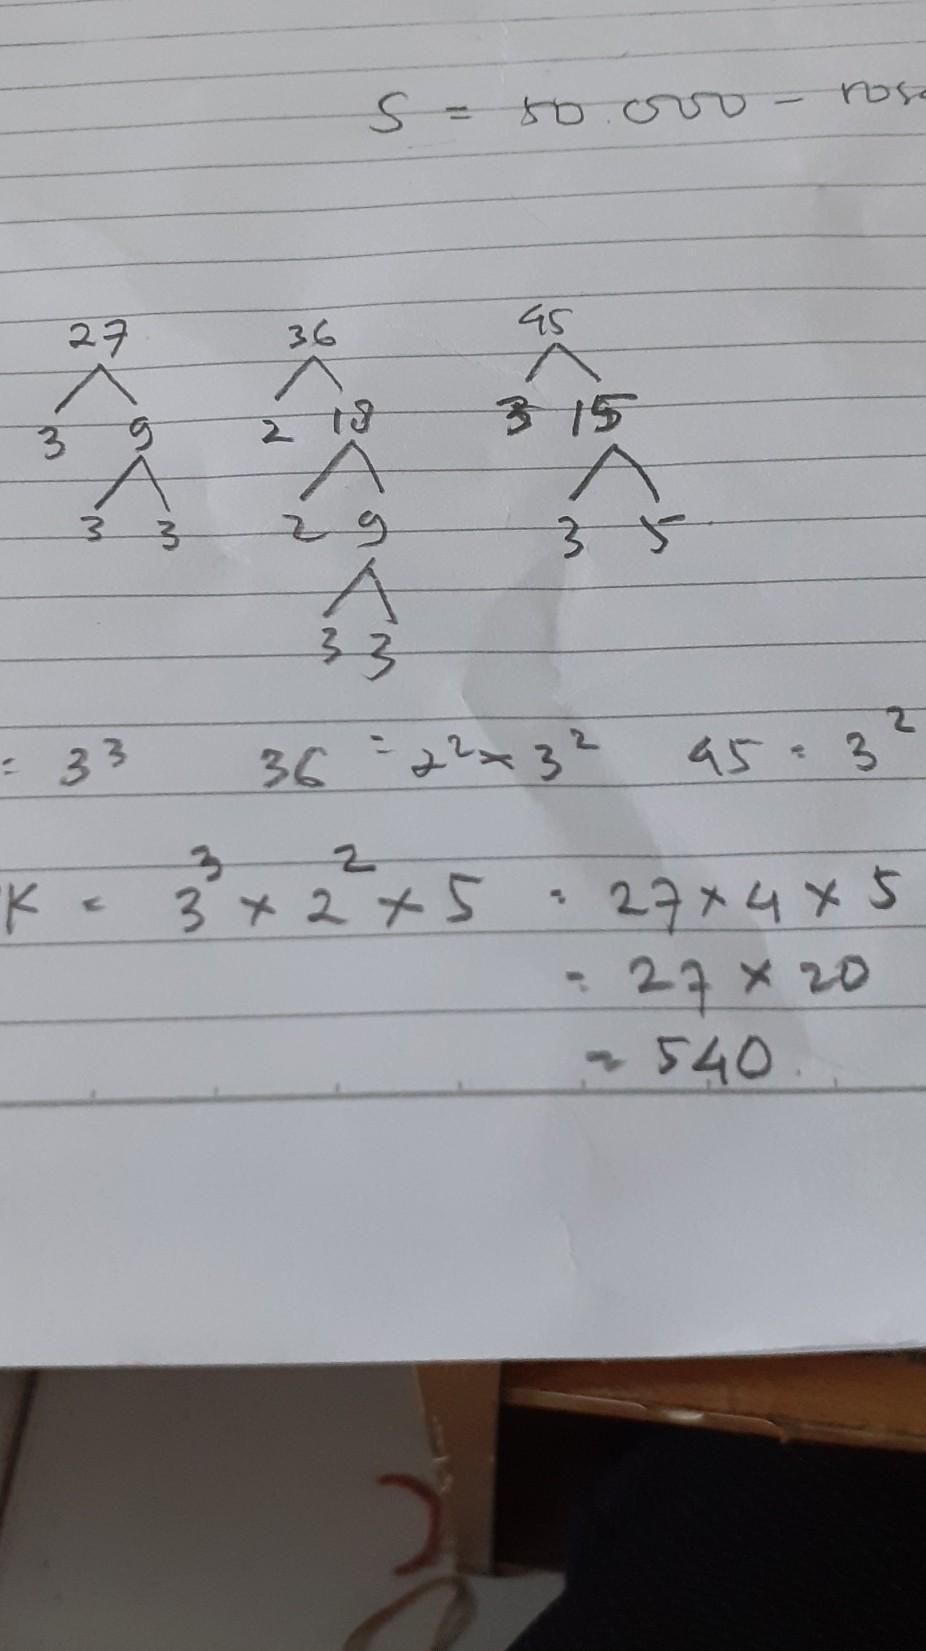 Selisih Fpb Dan Kpk Dari 18 27 Dan 45 Adalah - скачать...